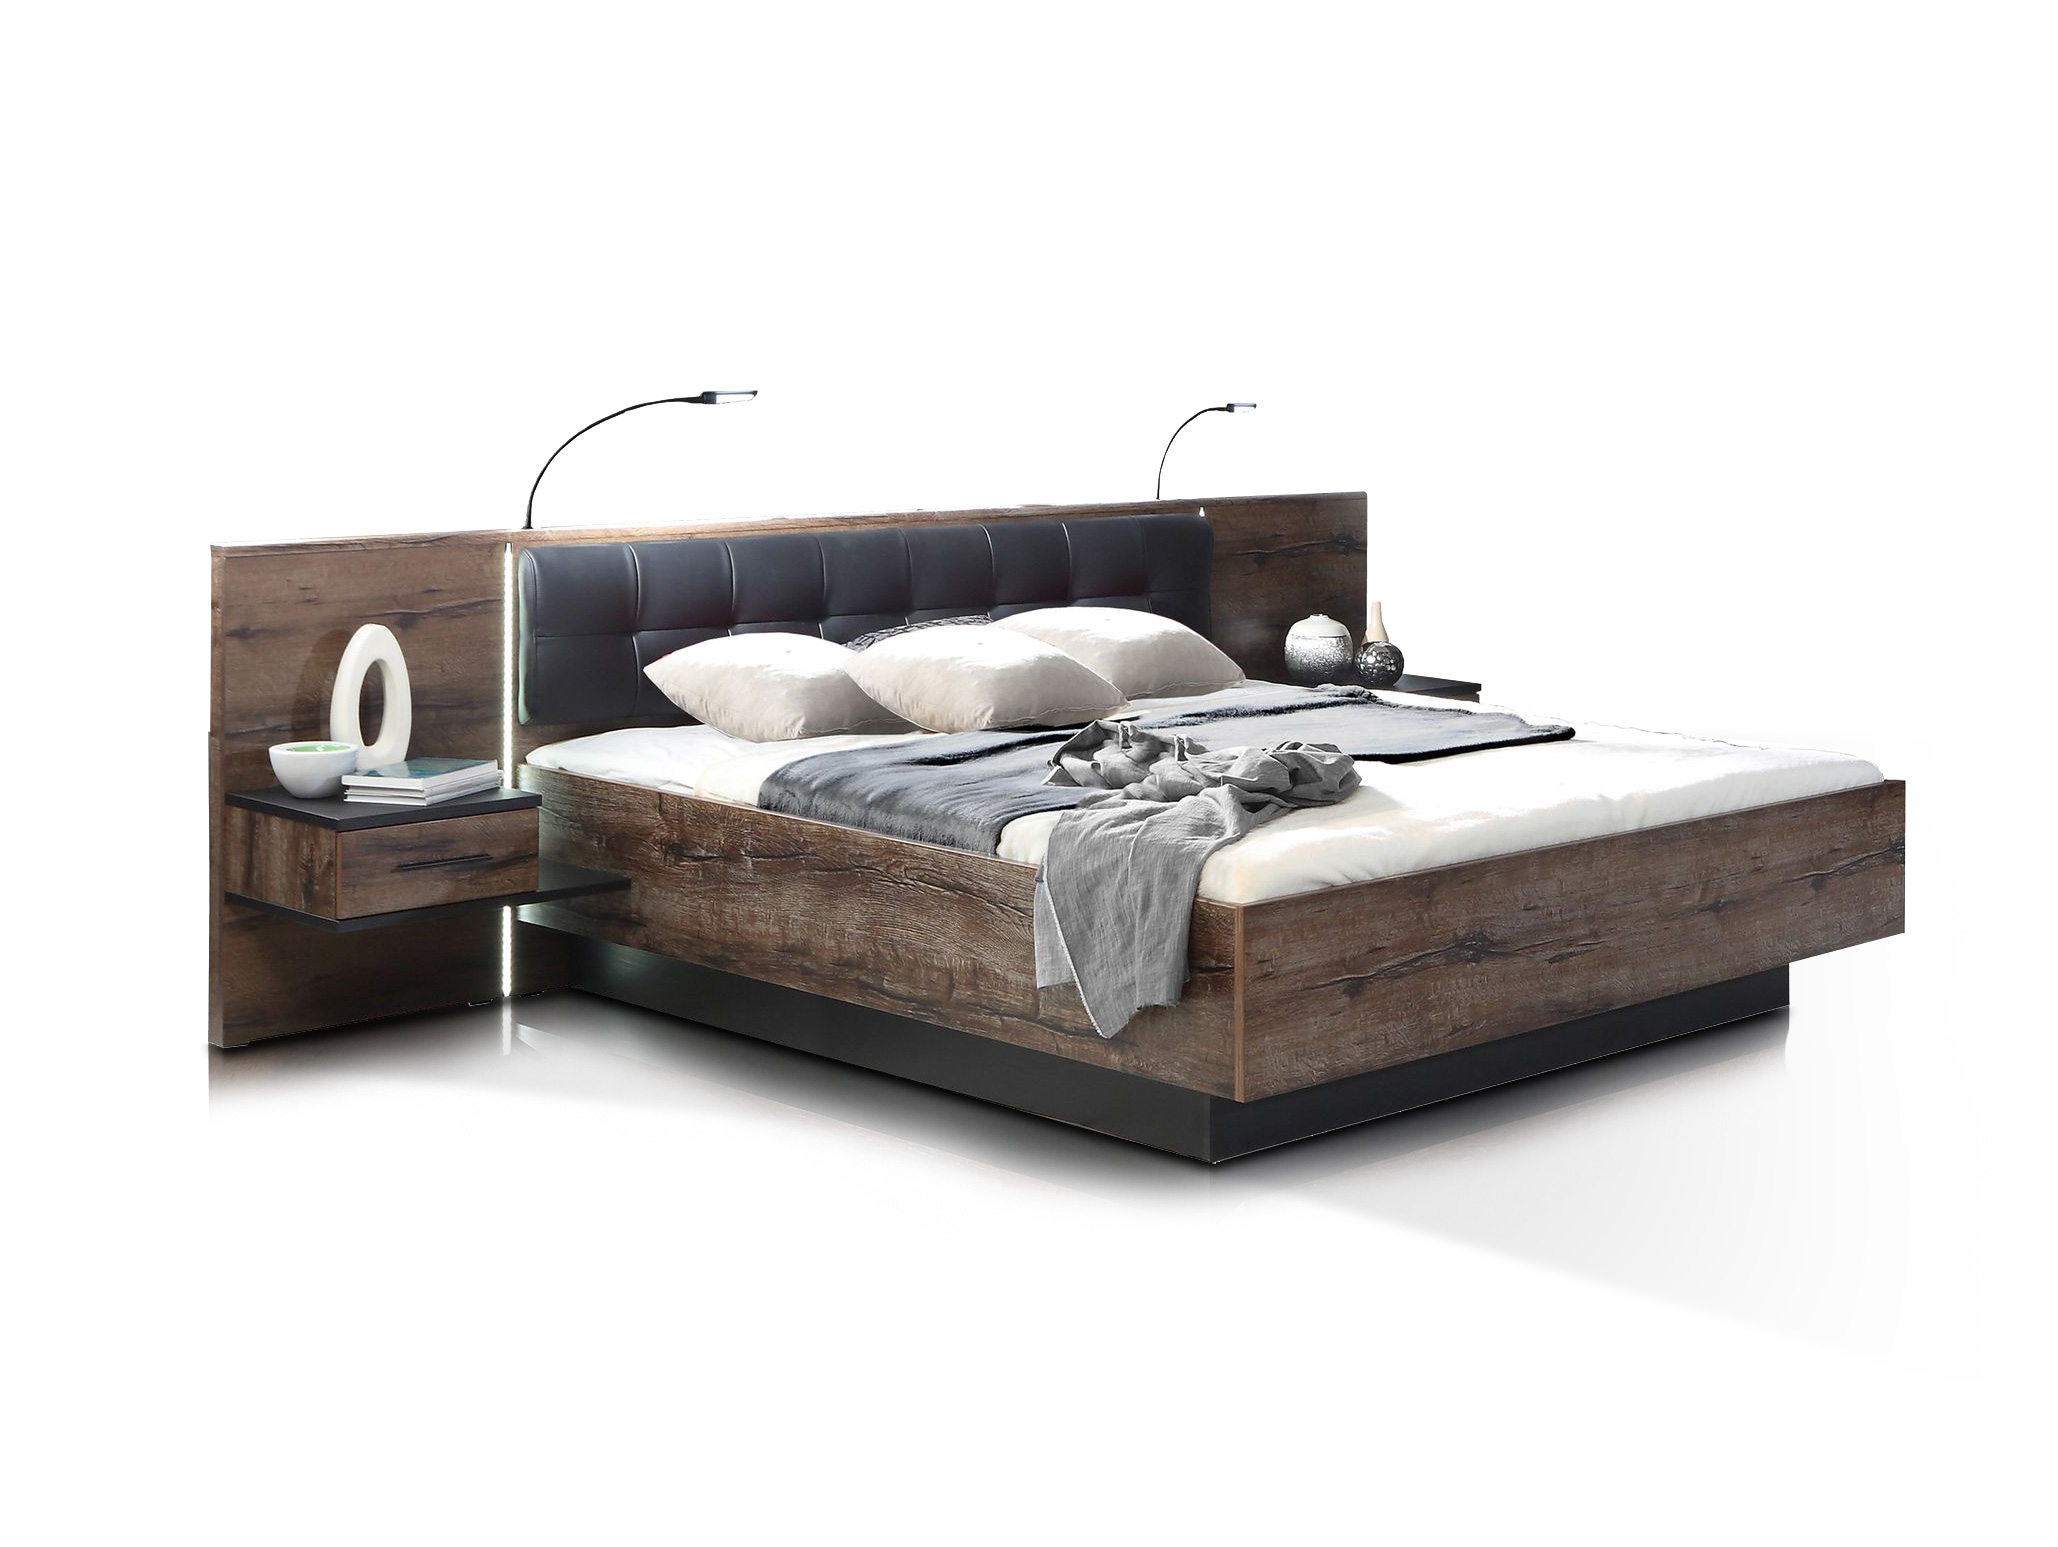 berlin bettanlage schlammeiche schwarzeiche 180 x 200 cm. Black Bedroom Furniture Sets. Home Design Ideas